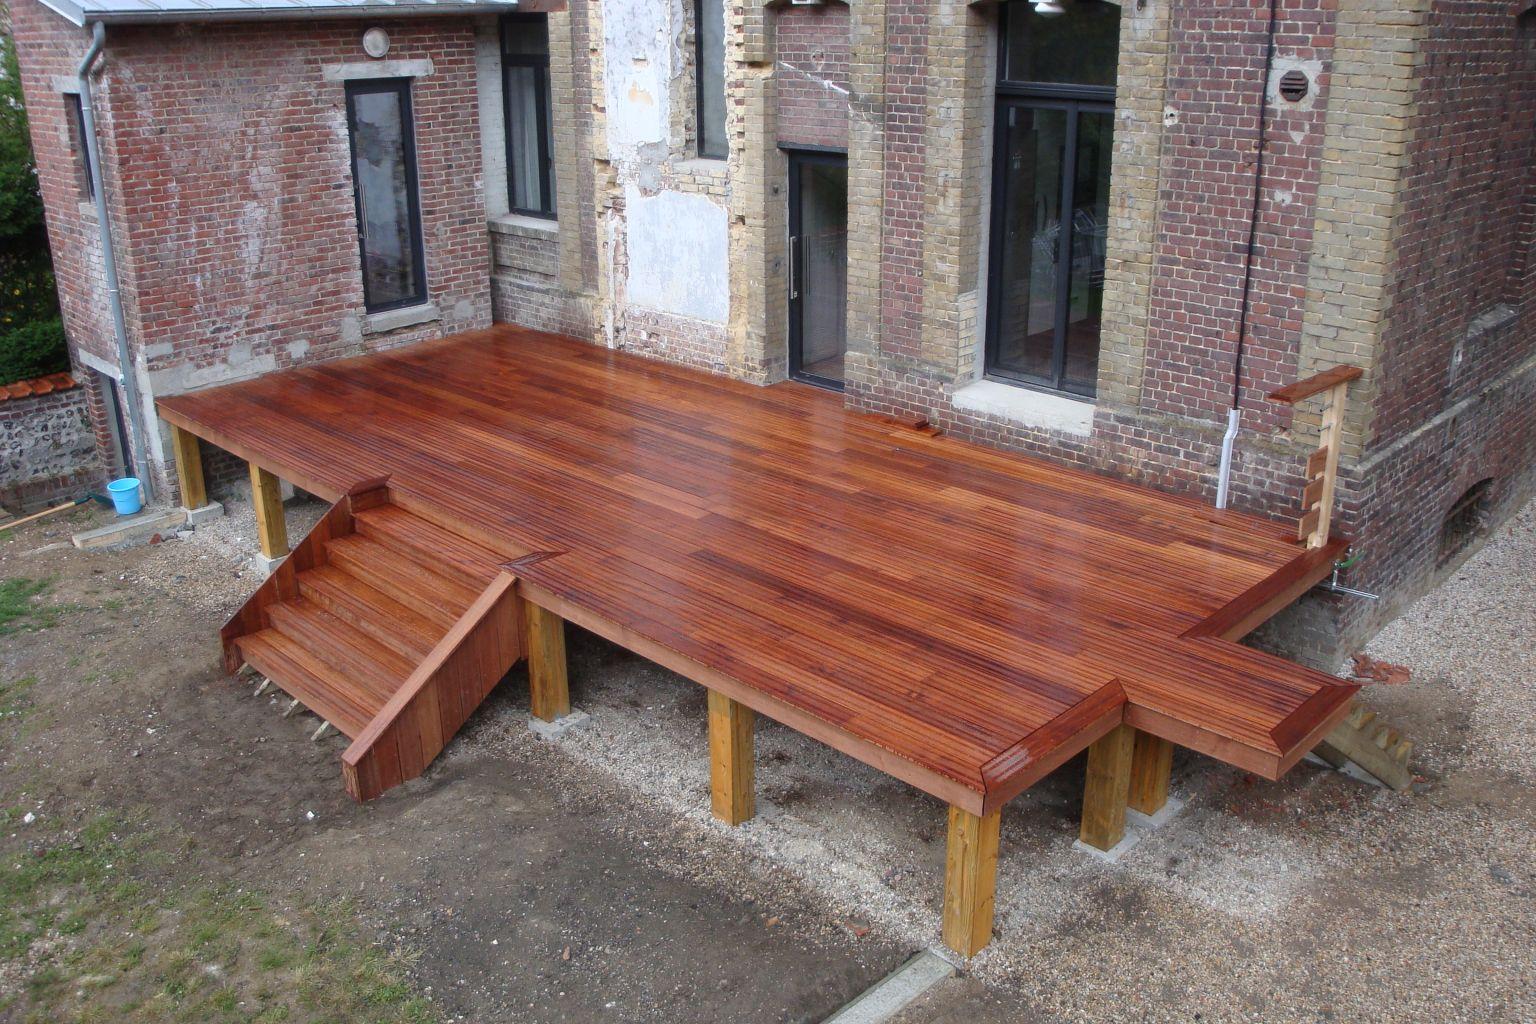 Terrasse bois exotique dieppe 76200 djsl bois for Prix d une terrasse en bois exotique